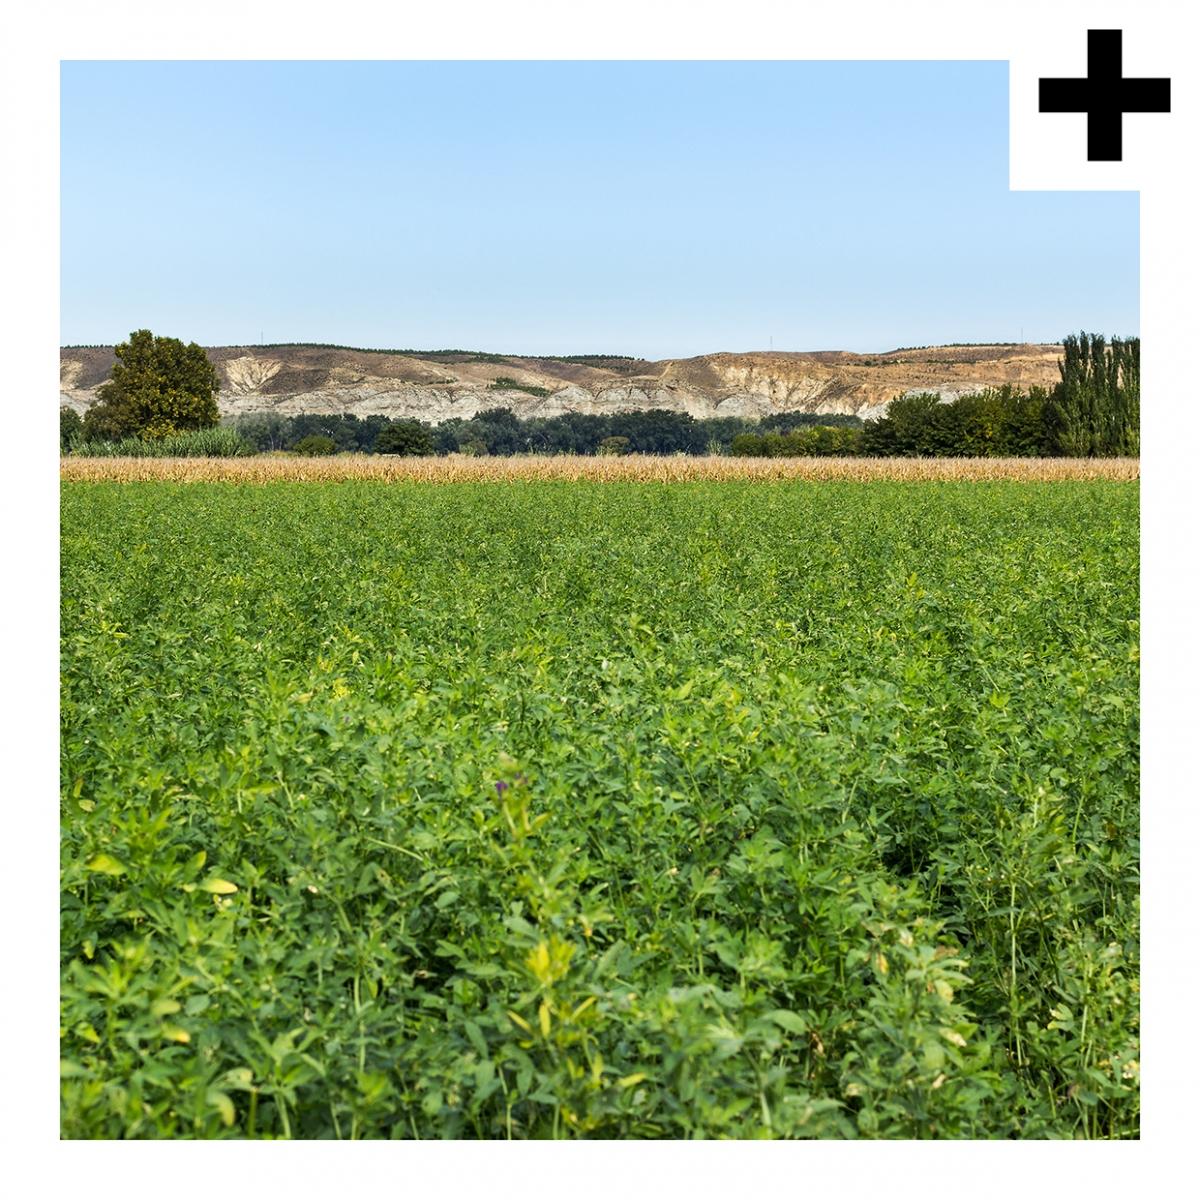 Imagen en la que se ve un campo verde con colinas al fondo